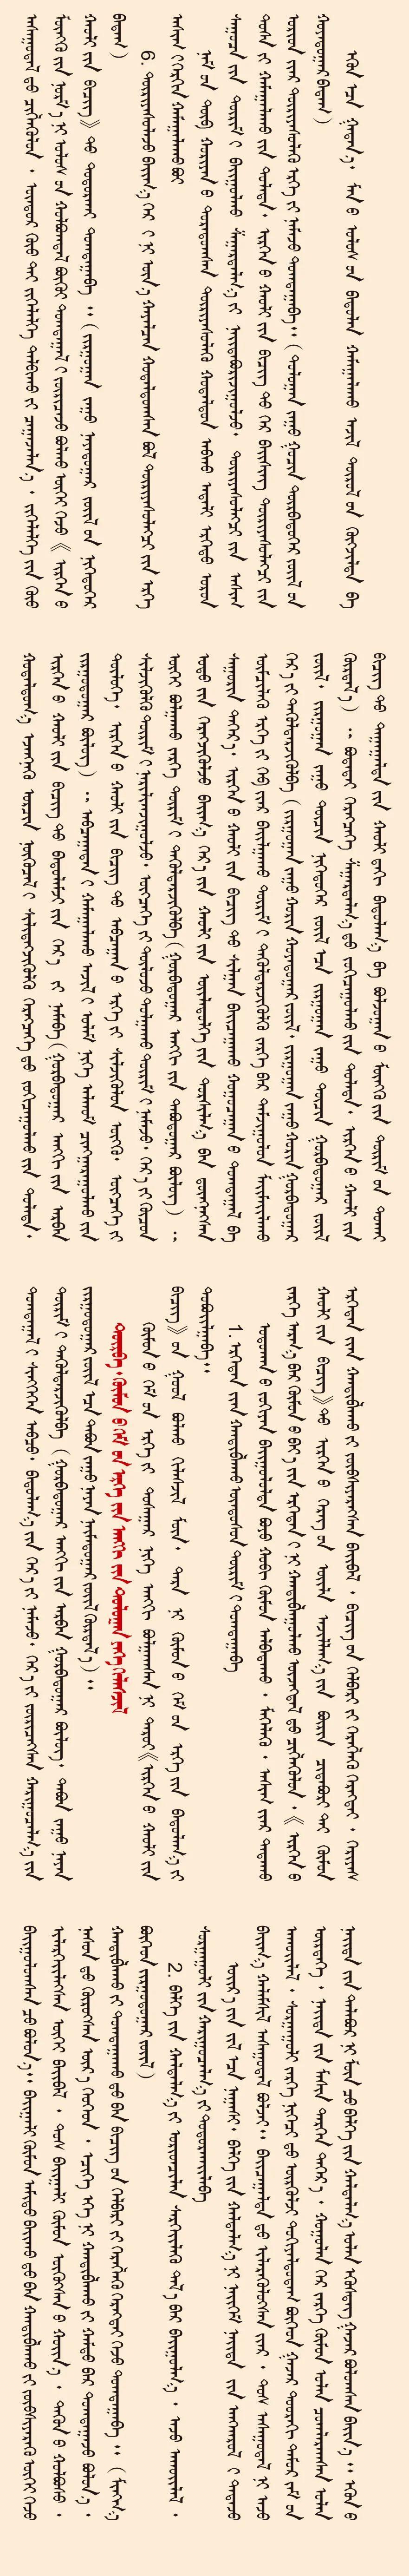 《民法典》49大亮点全梳理 第4张 《民法典》49大亮点全梳理 蒙古文库